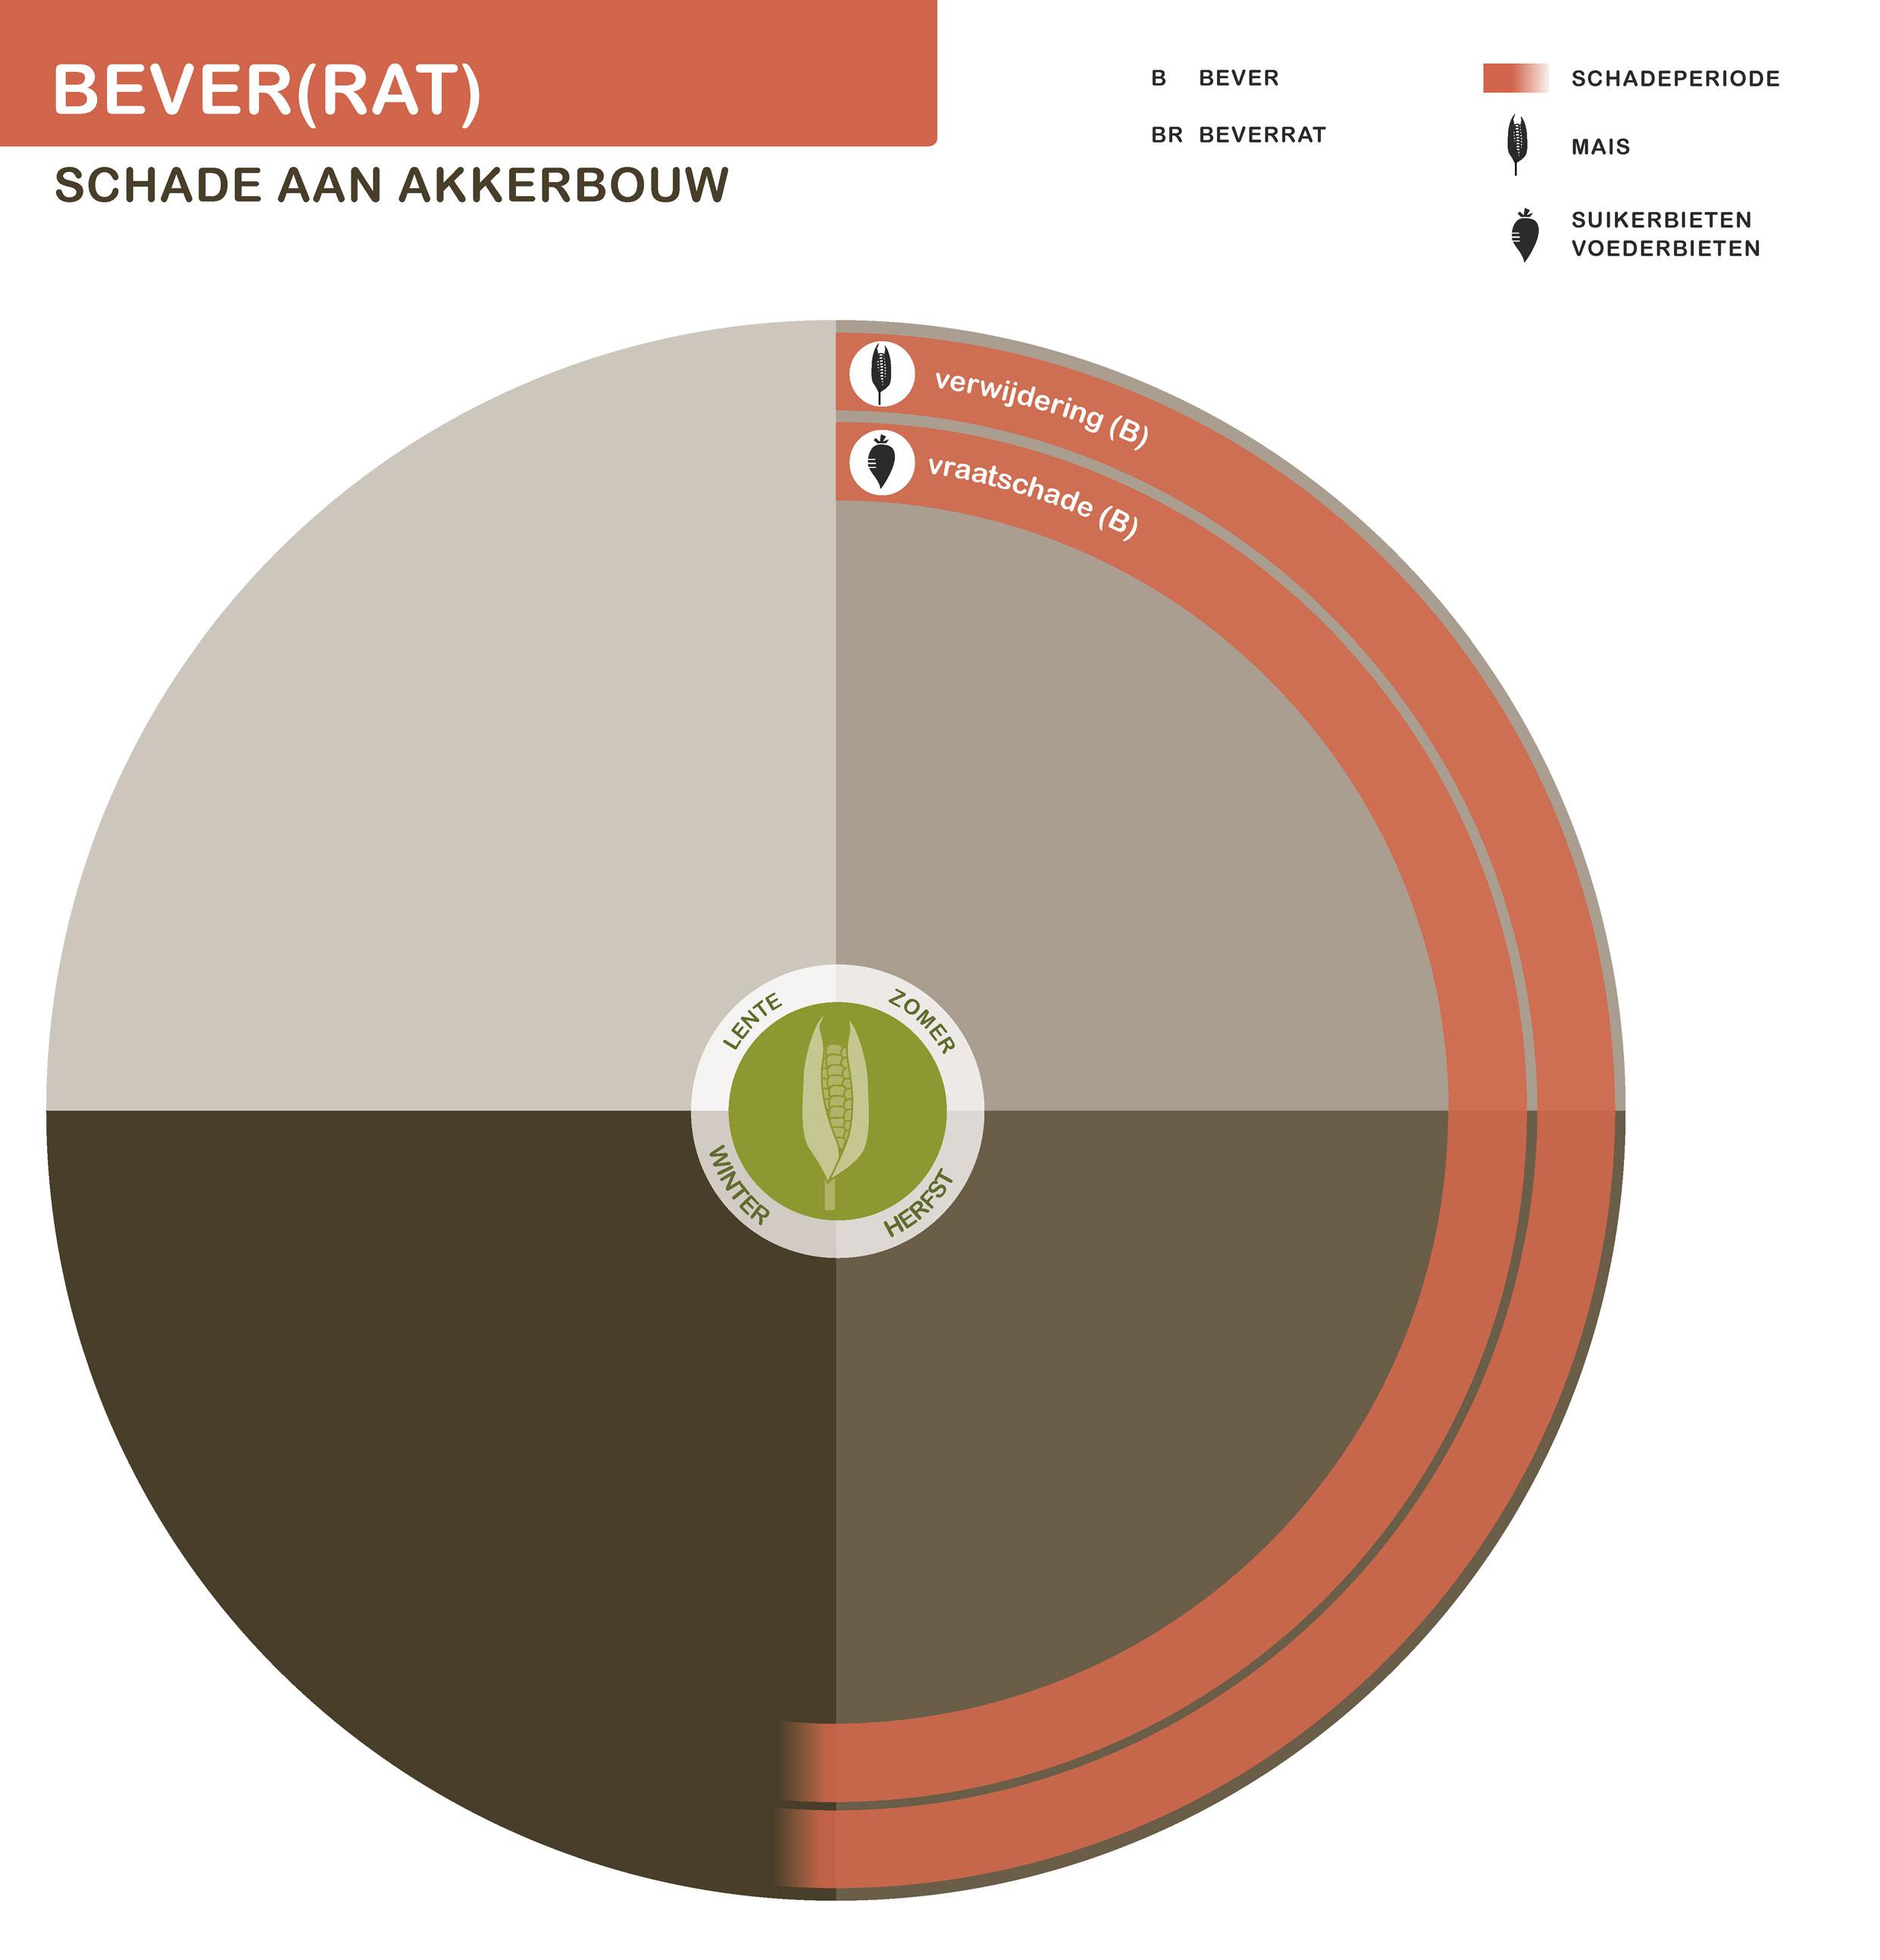 FPK-infogr-bever-akkerbouw-1